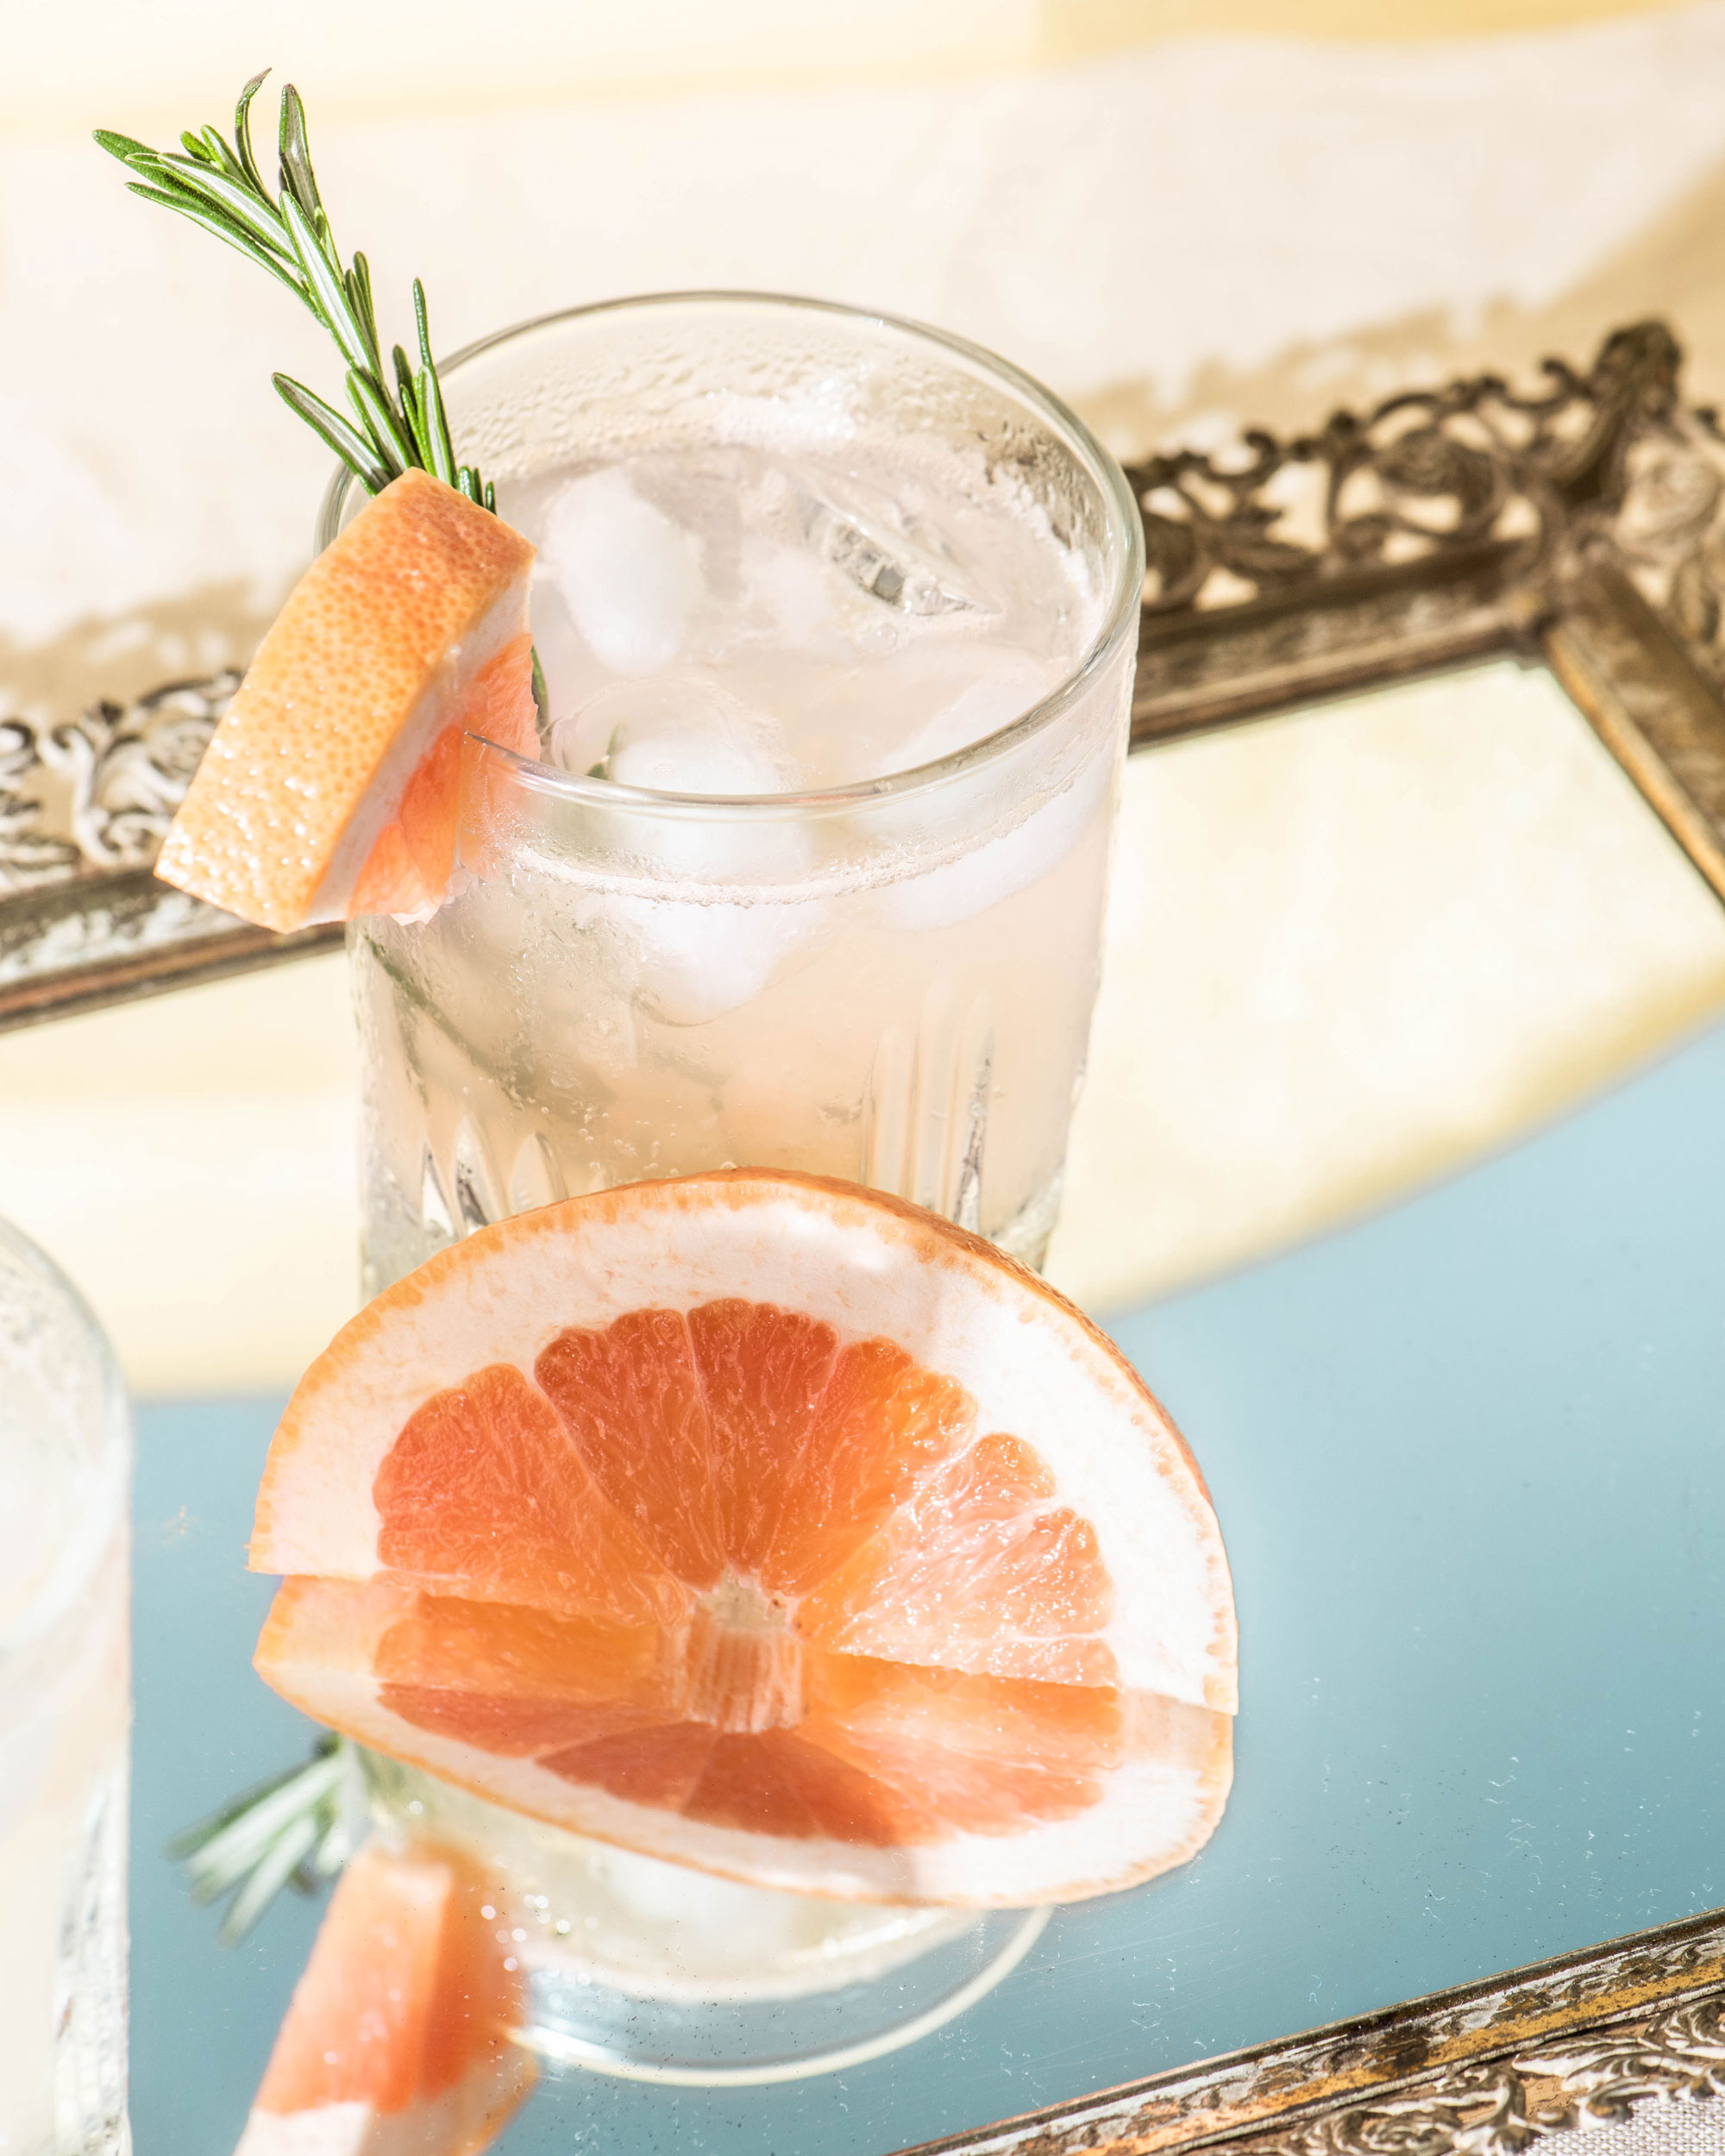 190625-Cocktail-GrapefruitRosemary-265.jpg